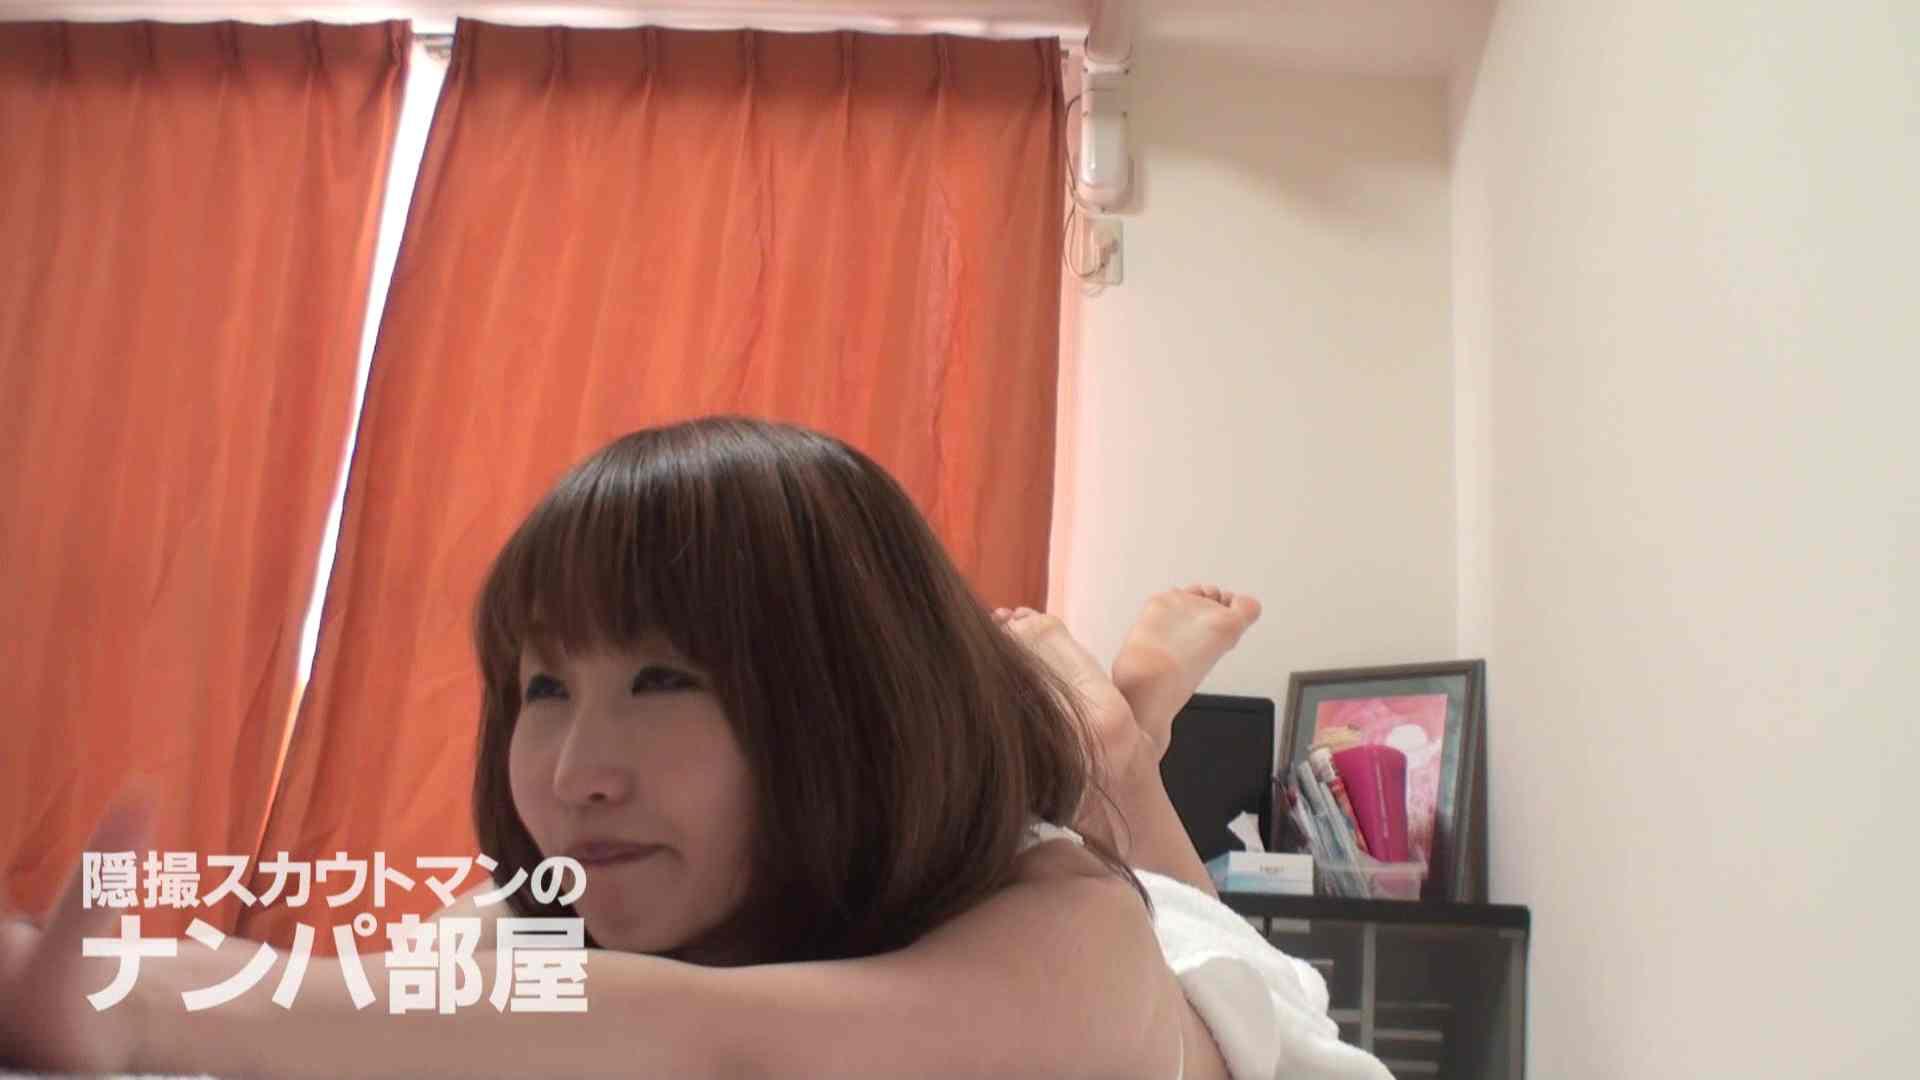 隠撮スカウトマンのナンパ部屋~風俗デビュー前のつまみ食い~ siivol.2 OLのエッチ | 脱衣所  83pic 41